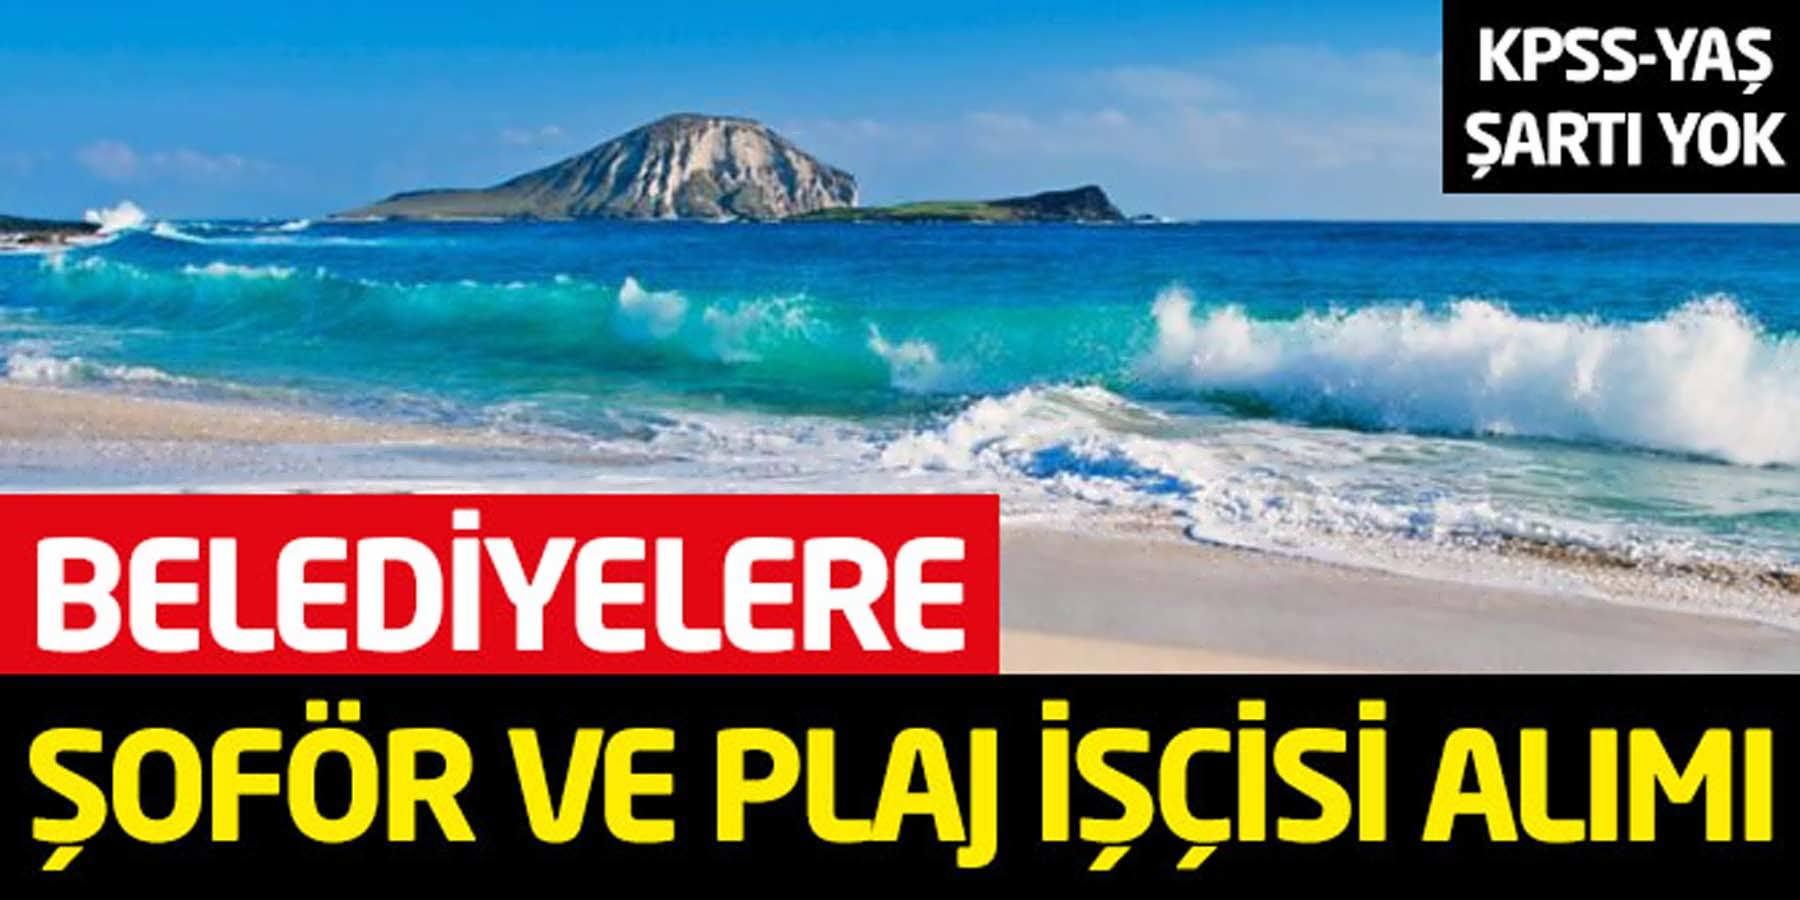 KPSS'siz ve Yaş Şartsız Belediyelere Şoför, Temizlik ve Plaj İşçisi Alımı